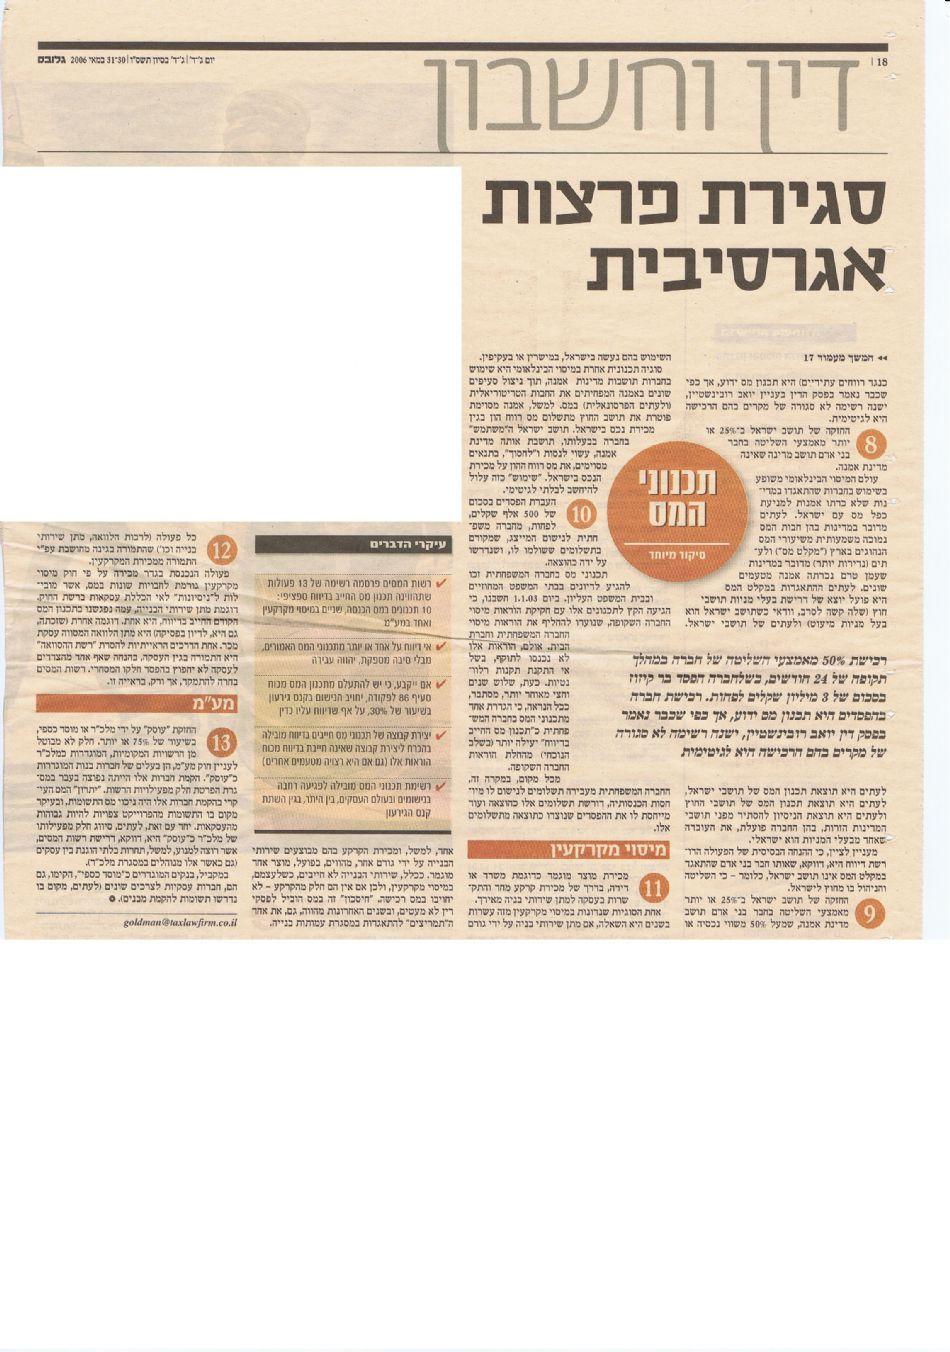 """תכנוני המס (סיקור מיוחד סגירת פרצות אגרסיבית, עו""""ד דוד גולדמן"""